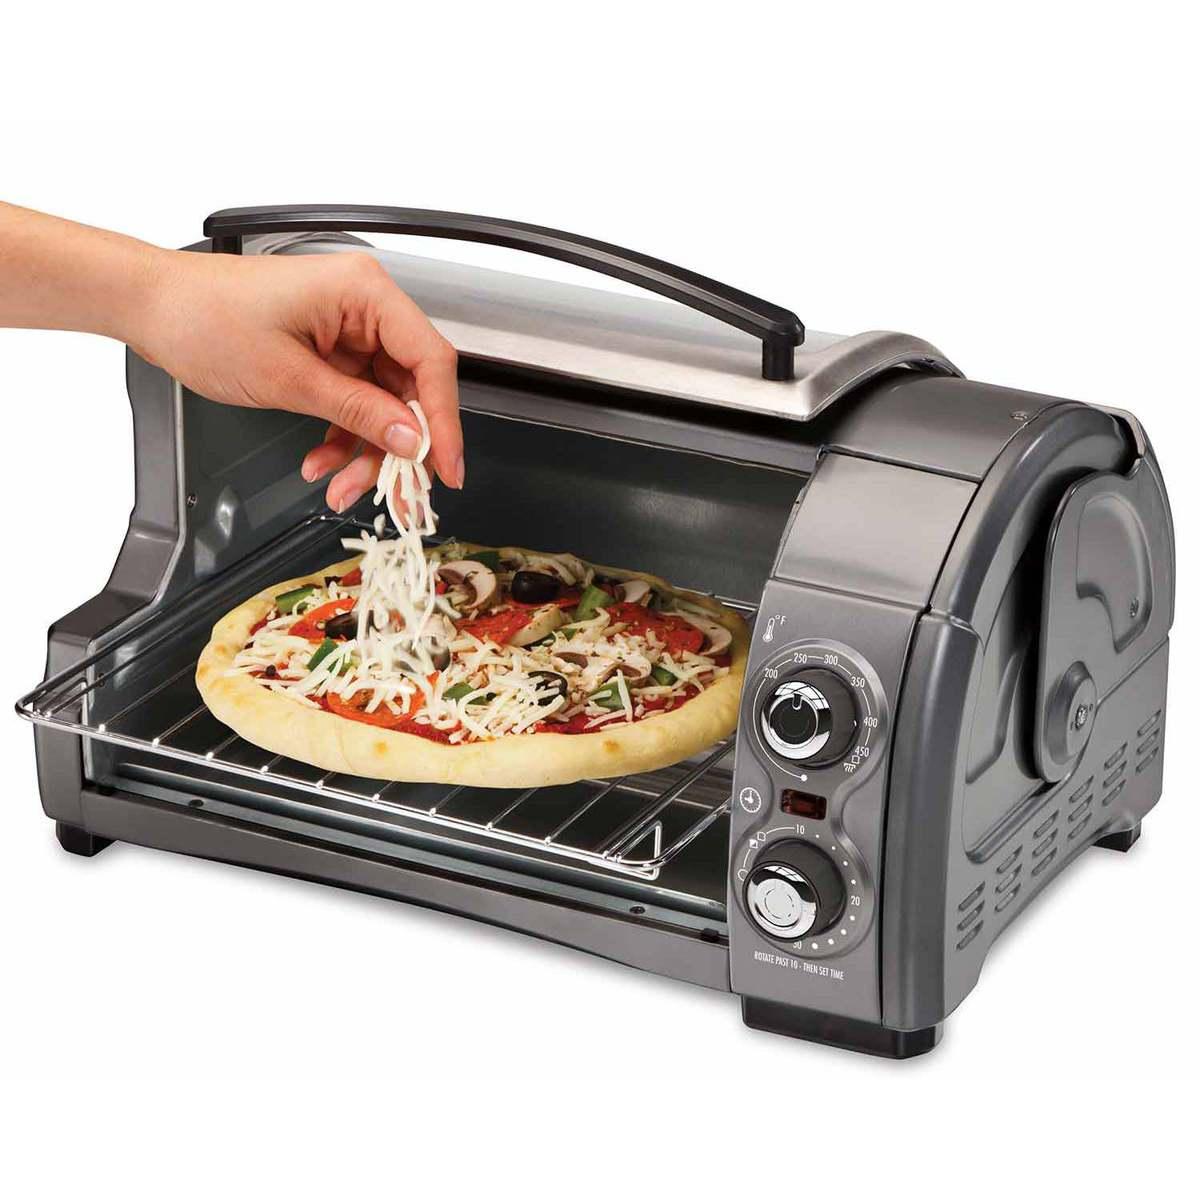 Toaster Ovens Hamiltonbeach Com